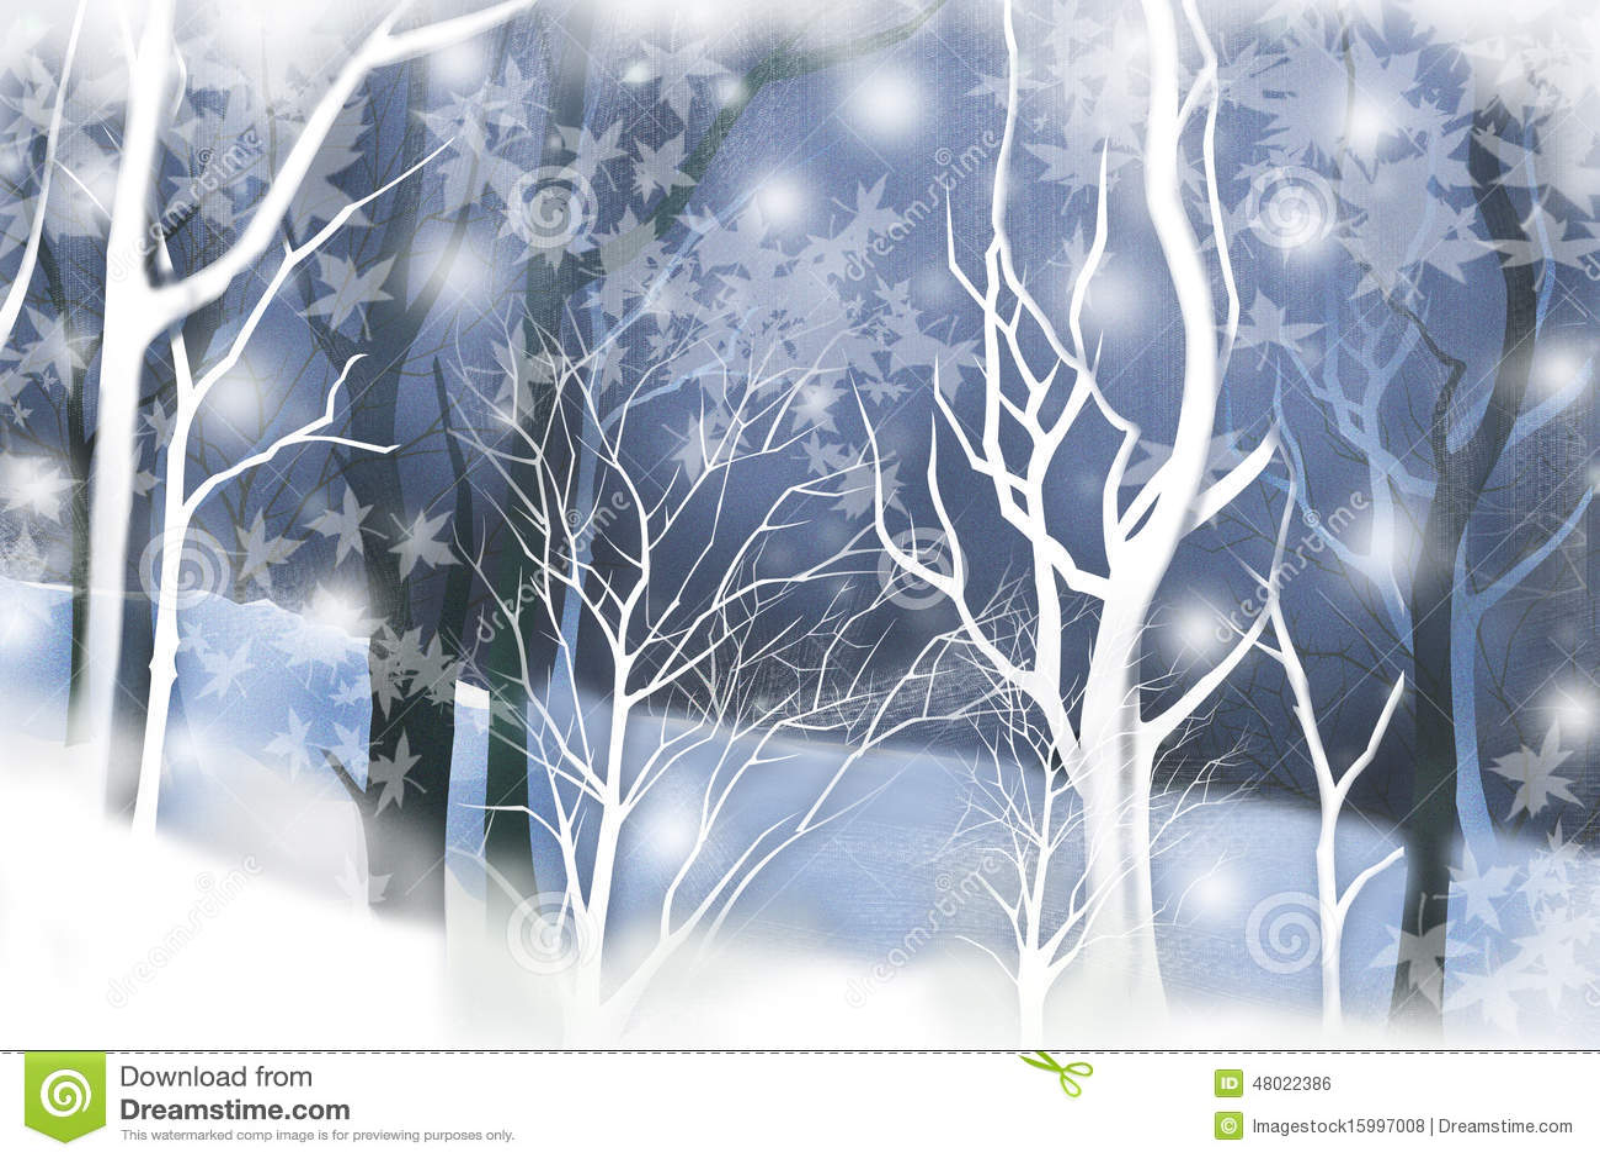 Paysage d 39 hiver avec des bois tranquilles texture for Peinture graphique